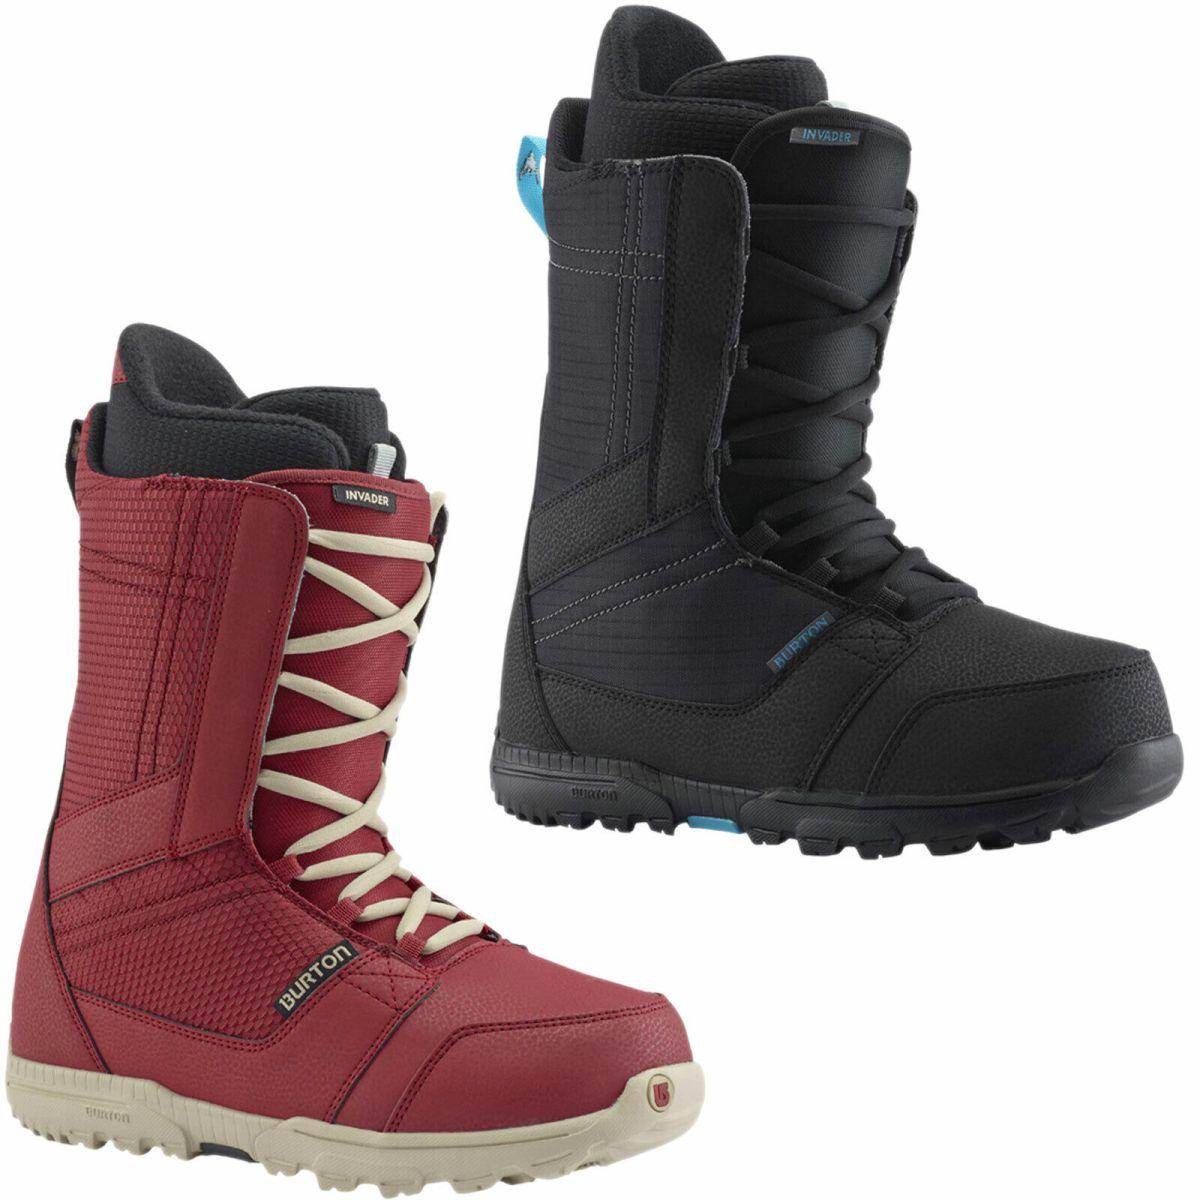 Burton Invader Herren Snowboardschuhe Snowboard Boots Snowboardboots Stiefel NEU